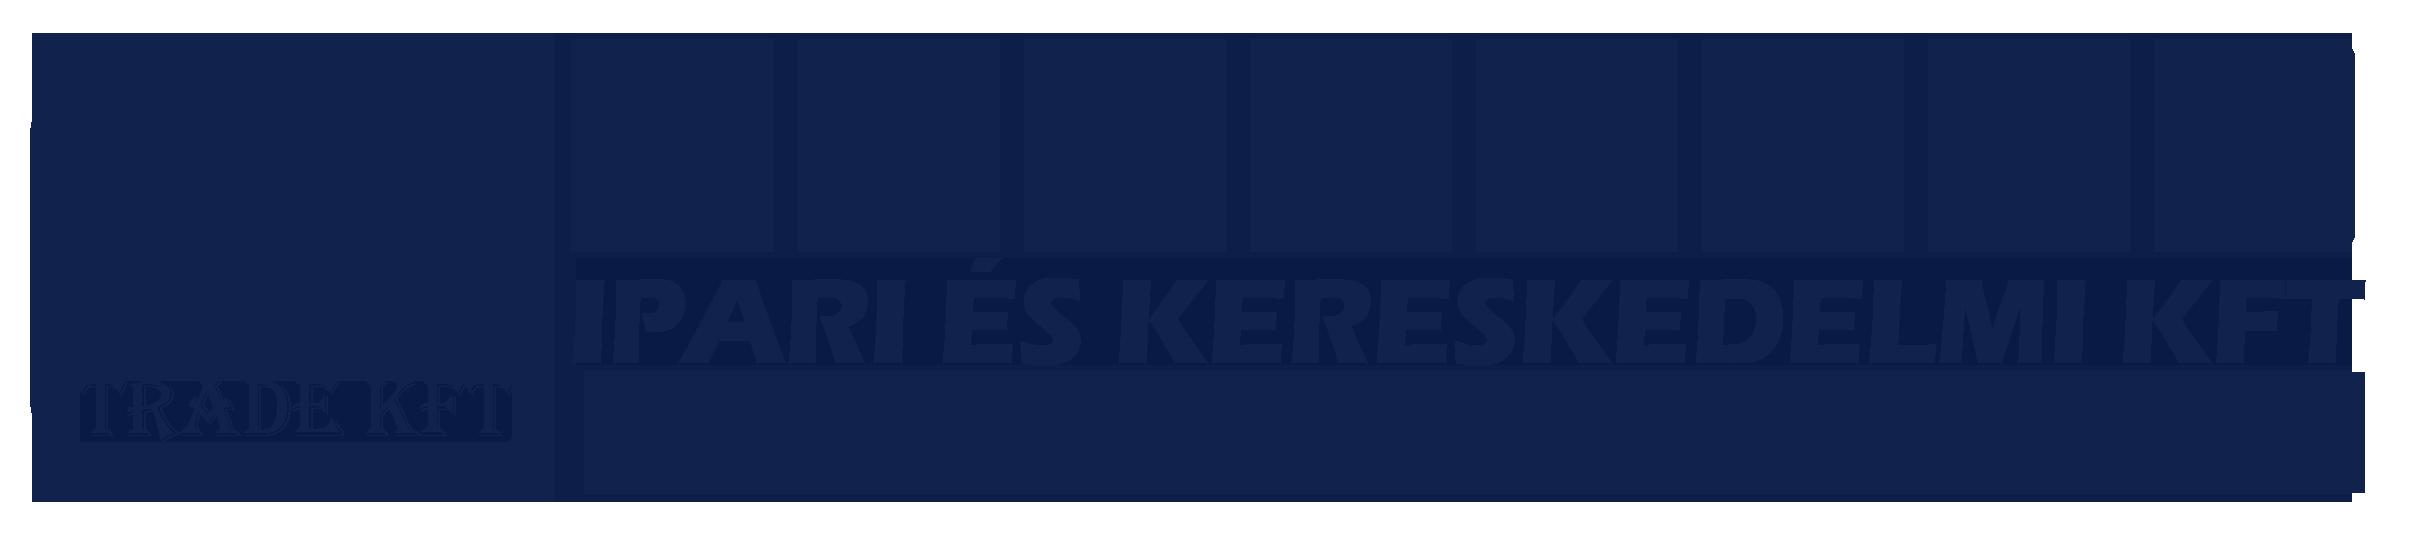 VG-TRADE Kft.